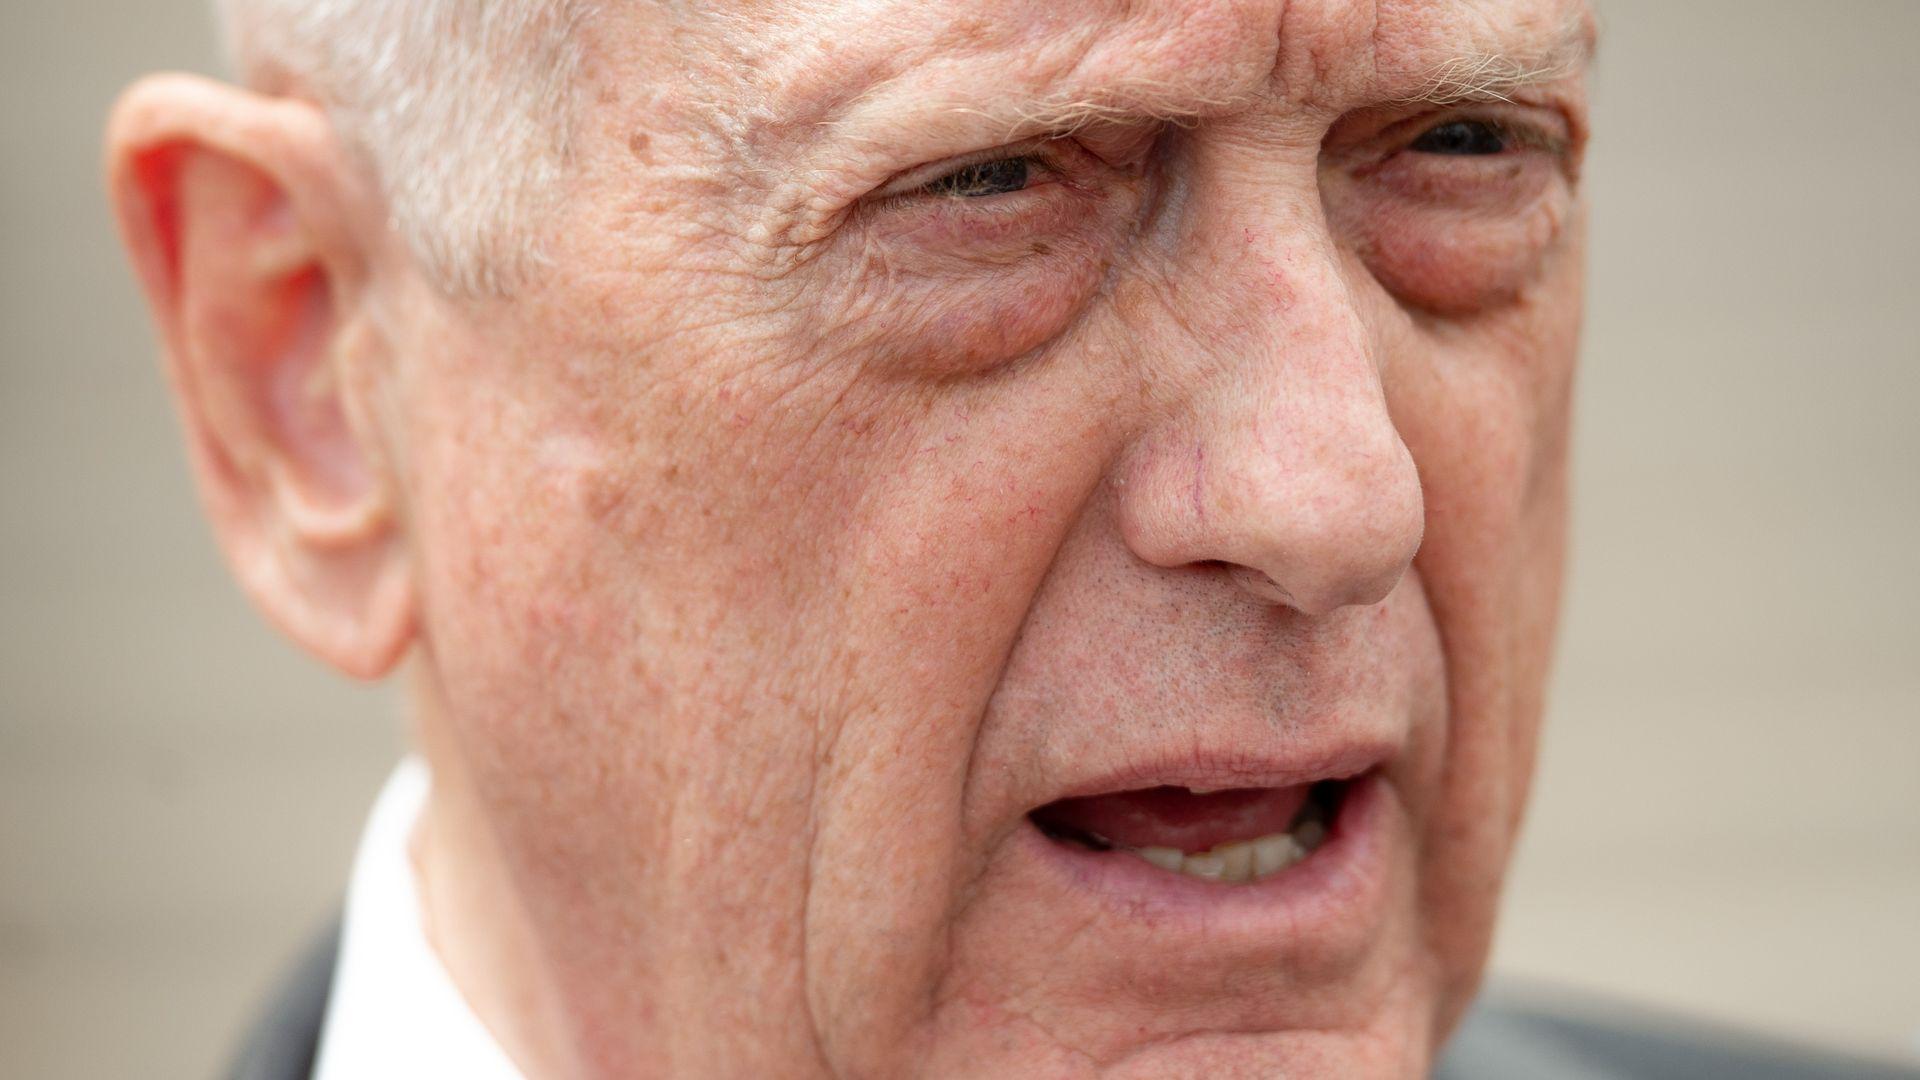 Closeup of Sec Def's Mattis face, he looks surprised.